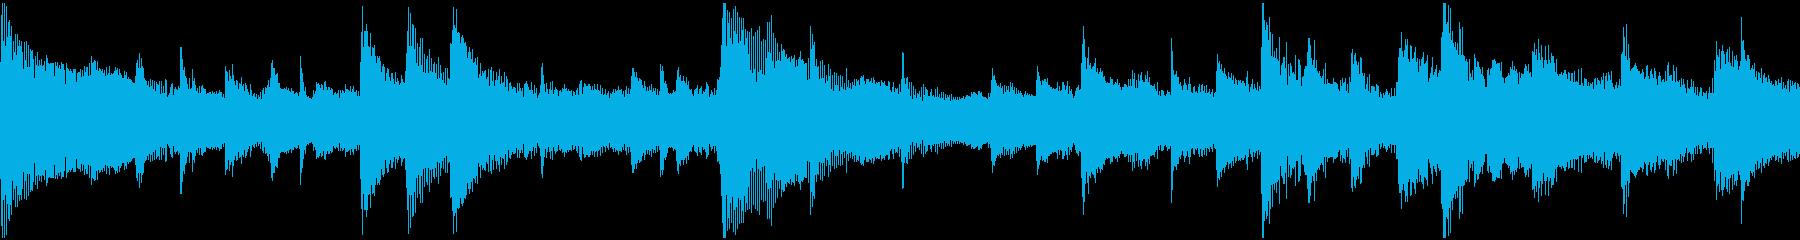 美しいピアノ、グロッケンシュピール...の再生済みの波形